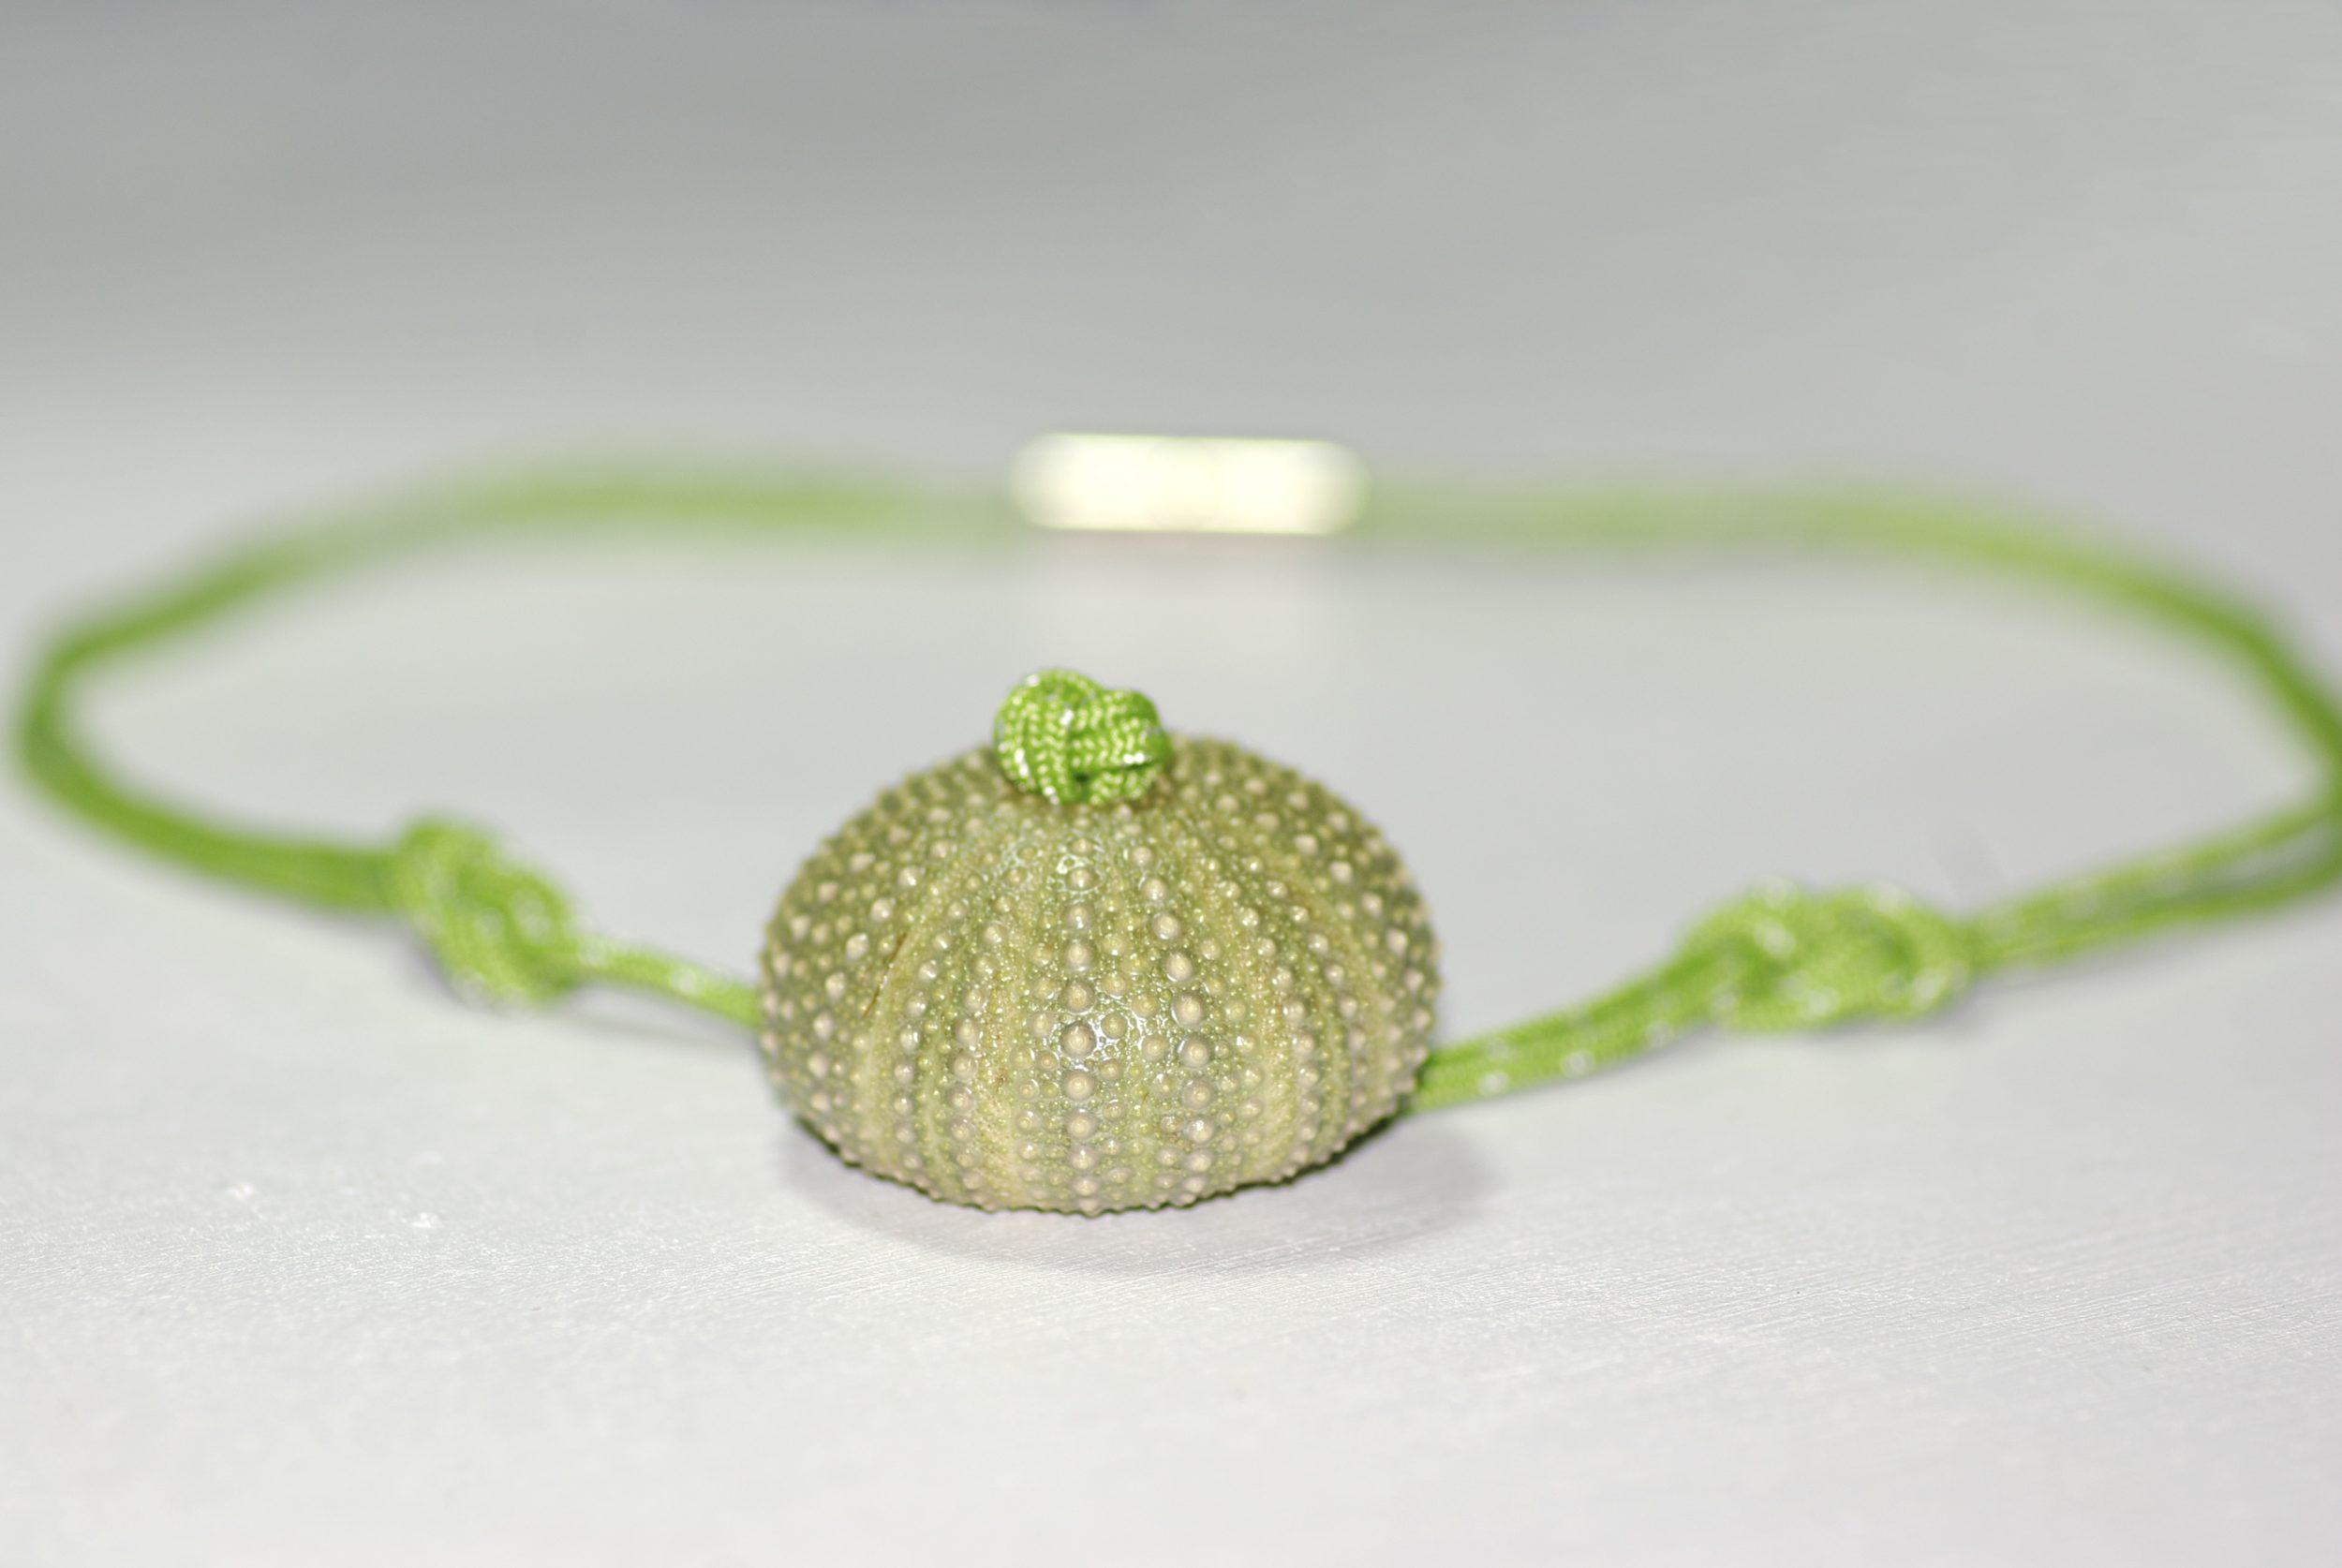 collier en bout marin vert noué et pendentif oursin vert , fermoir magnétique.